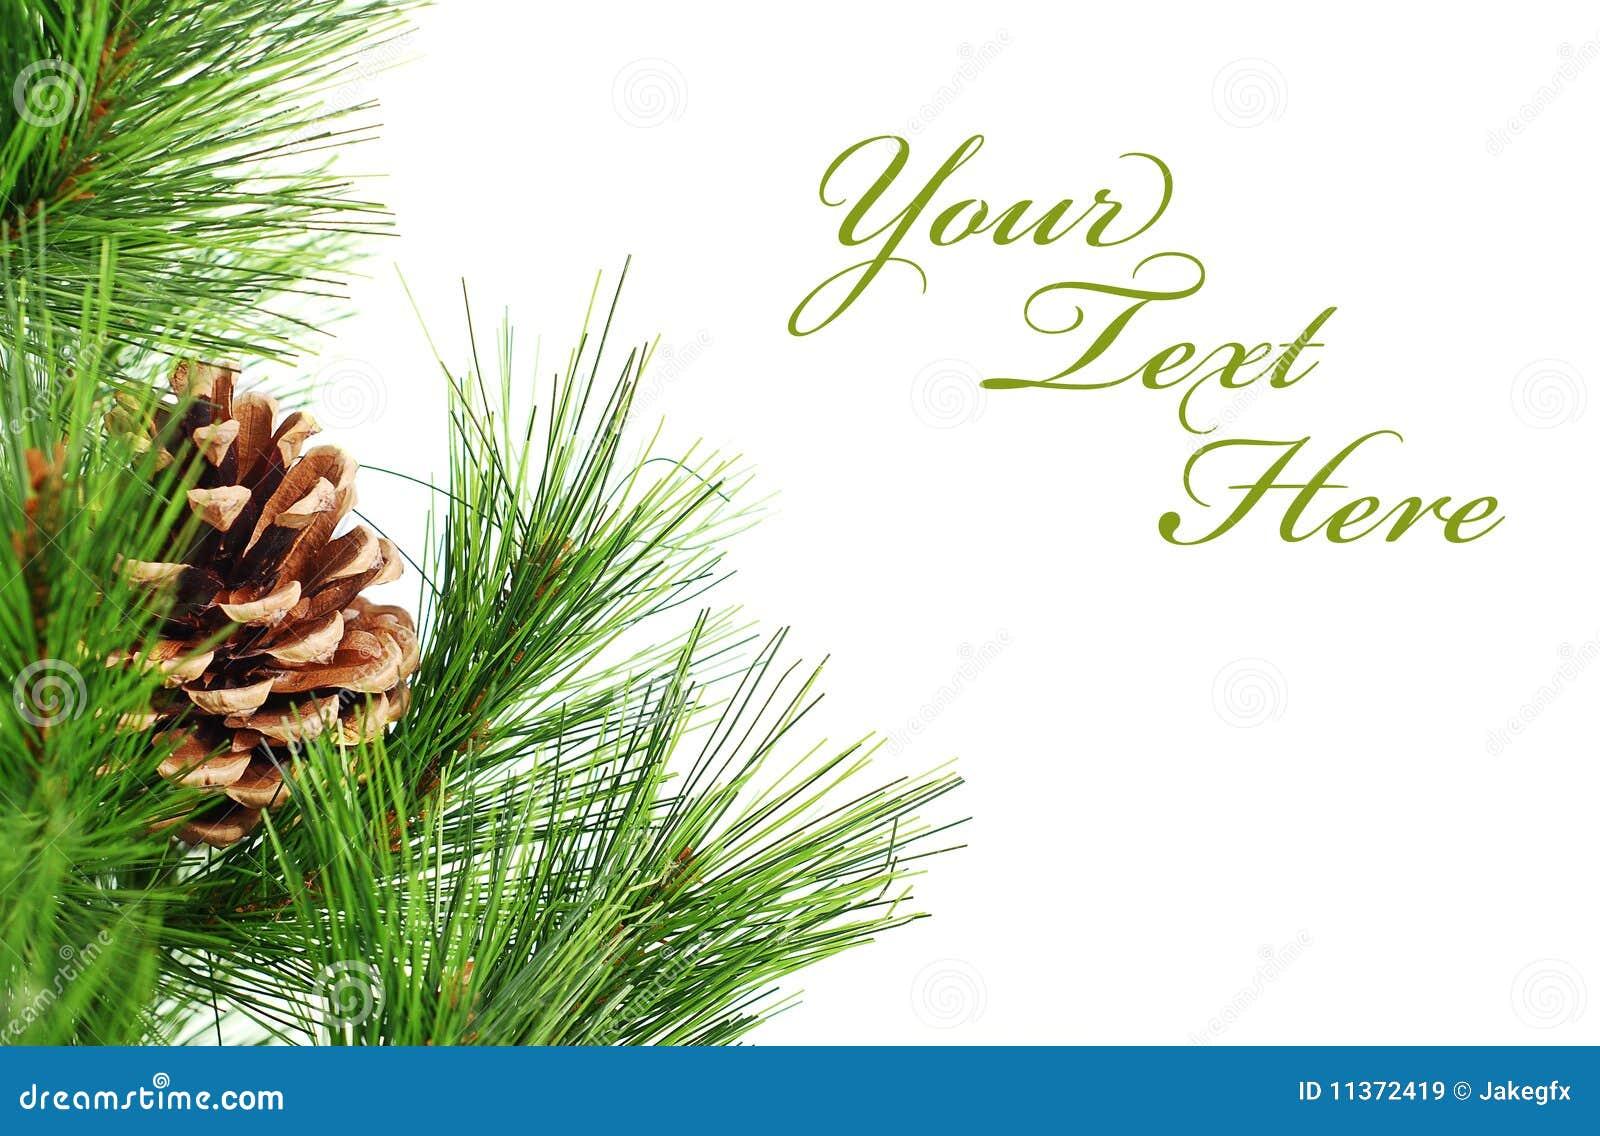 Zweig Von Weihnachten Stockbild Bild Von Abschlu